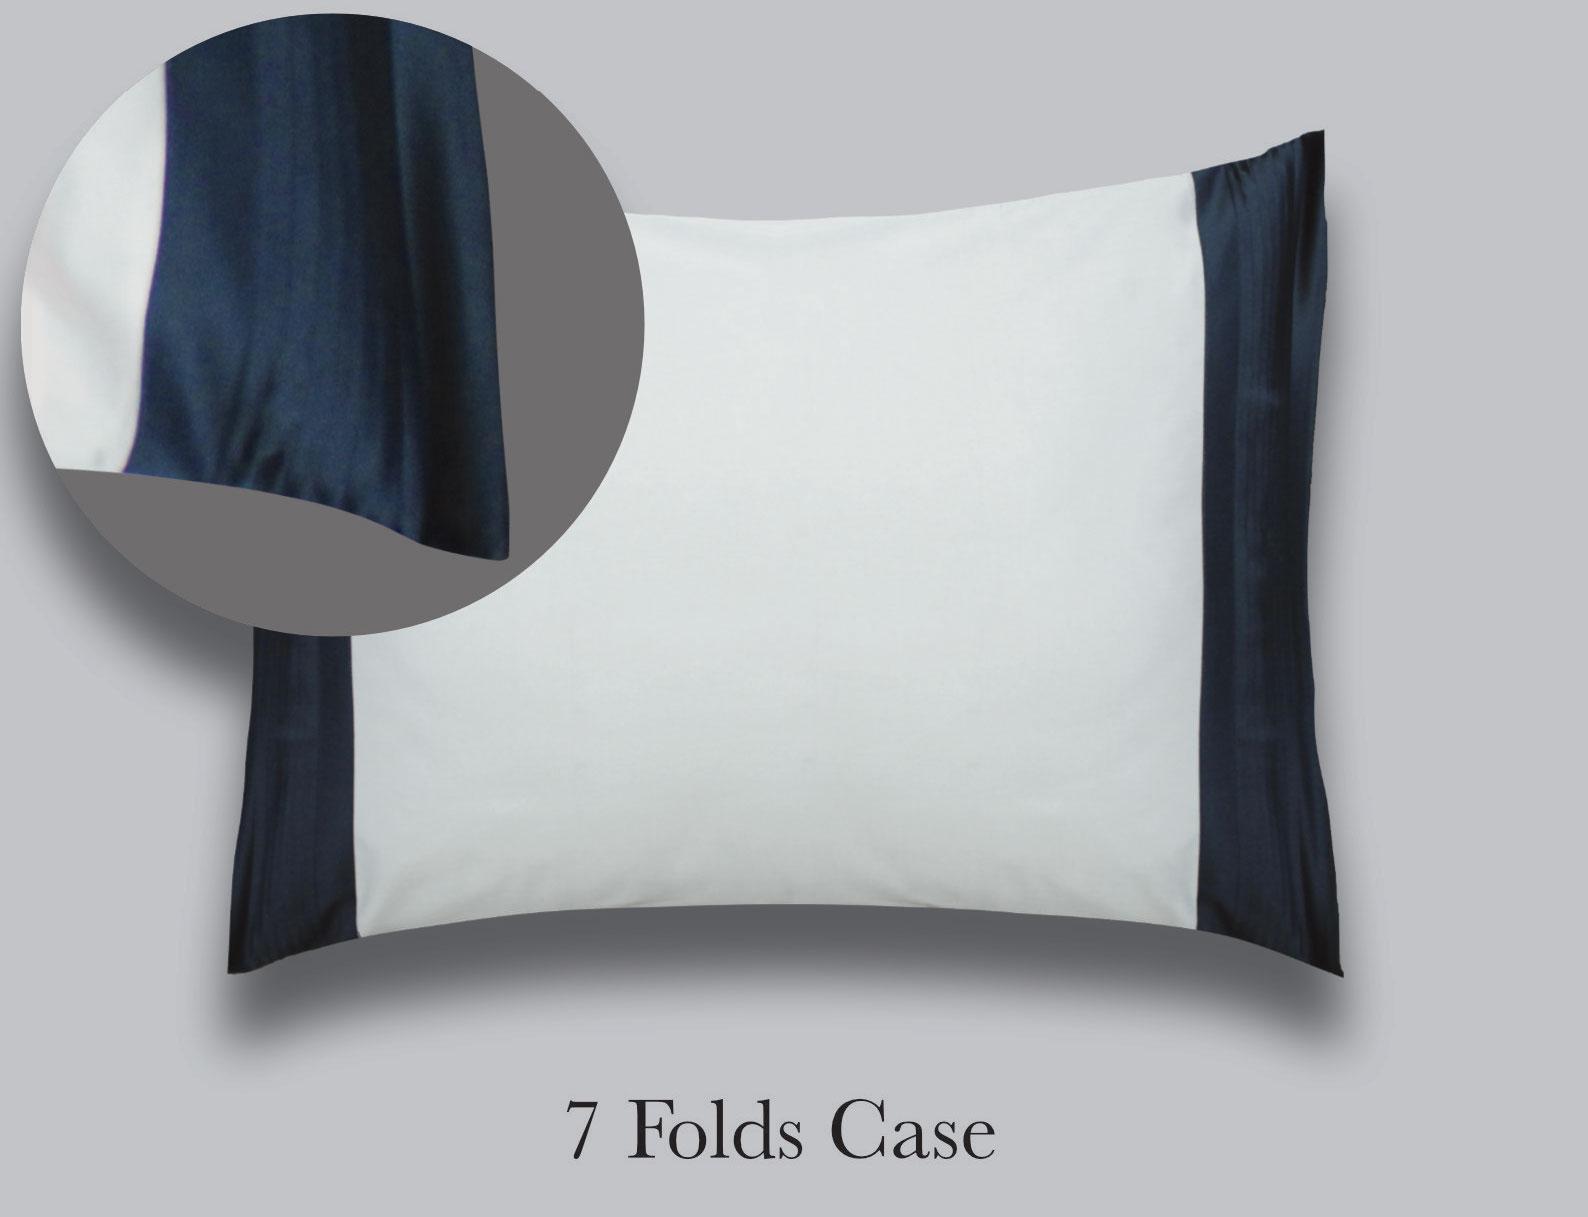 7-folds-case